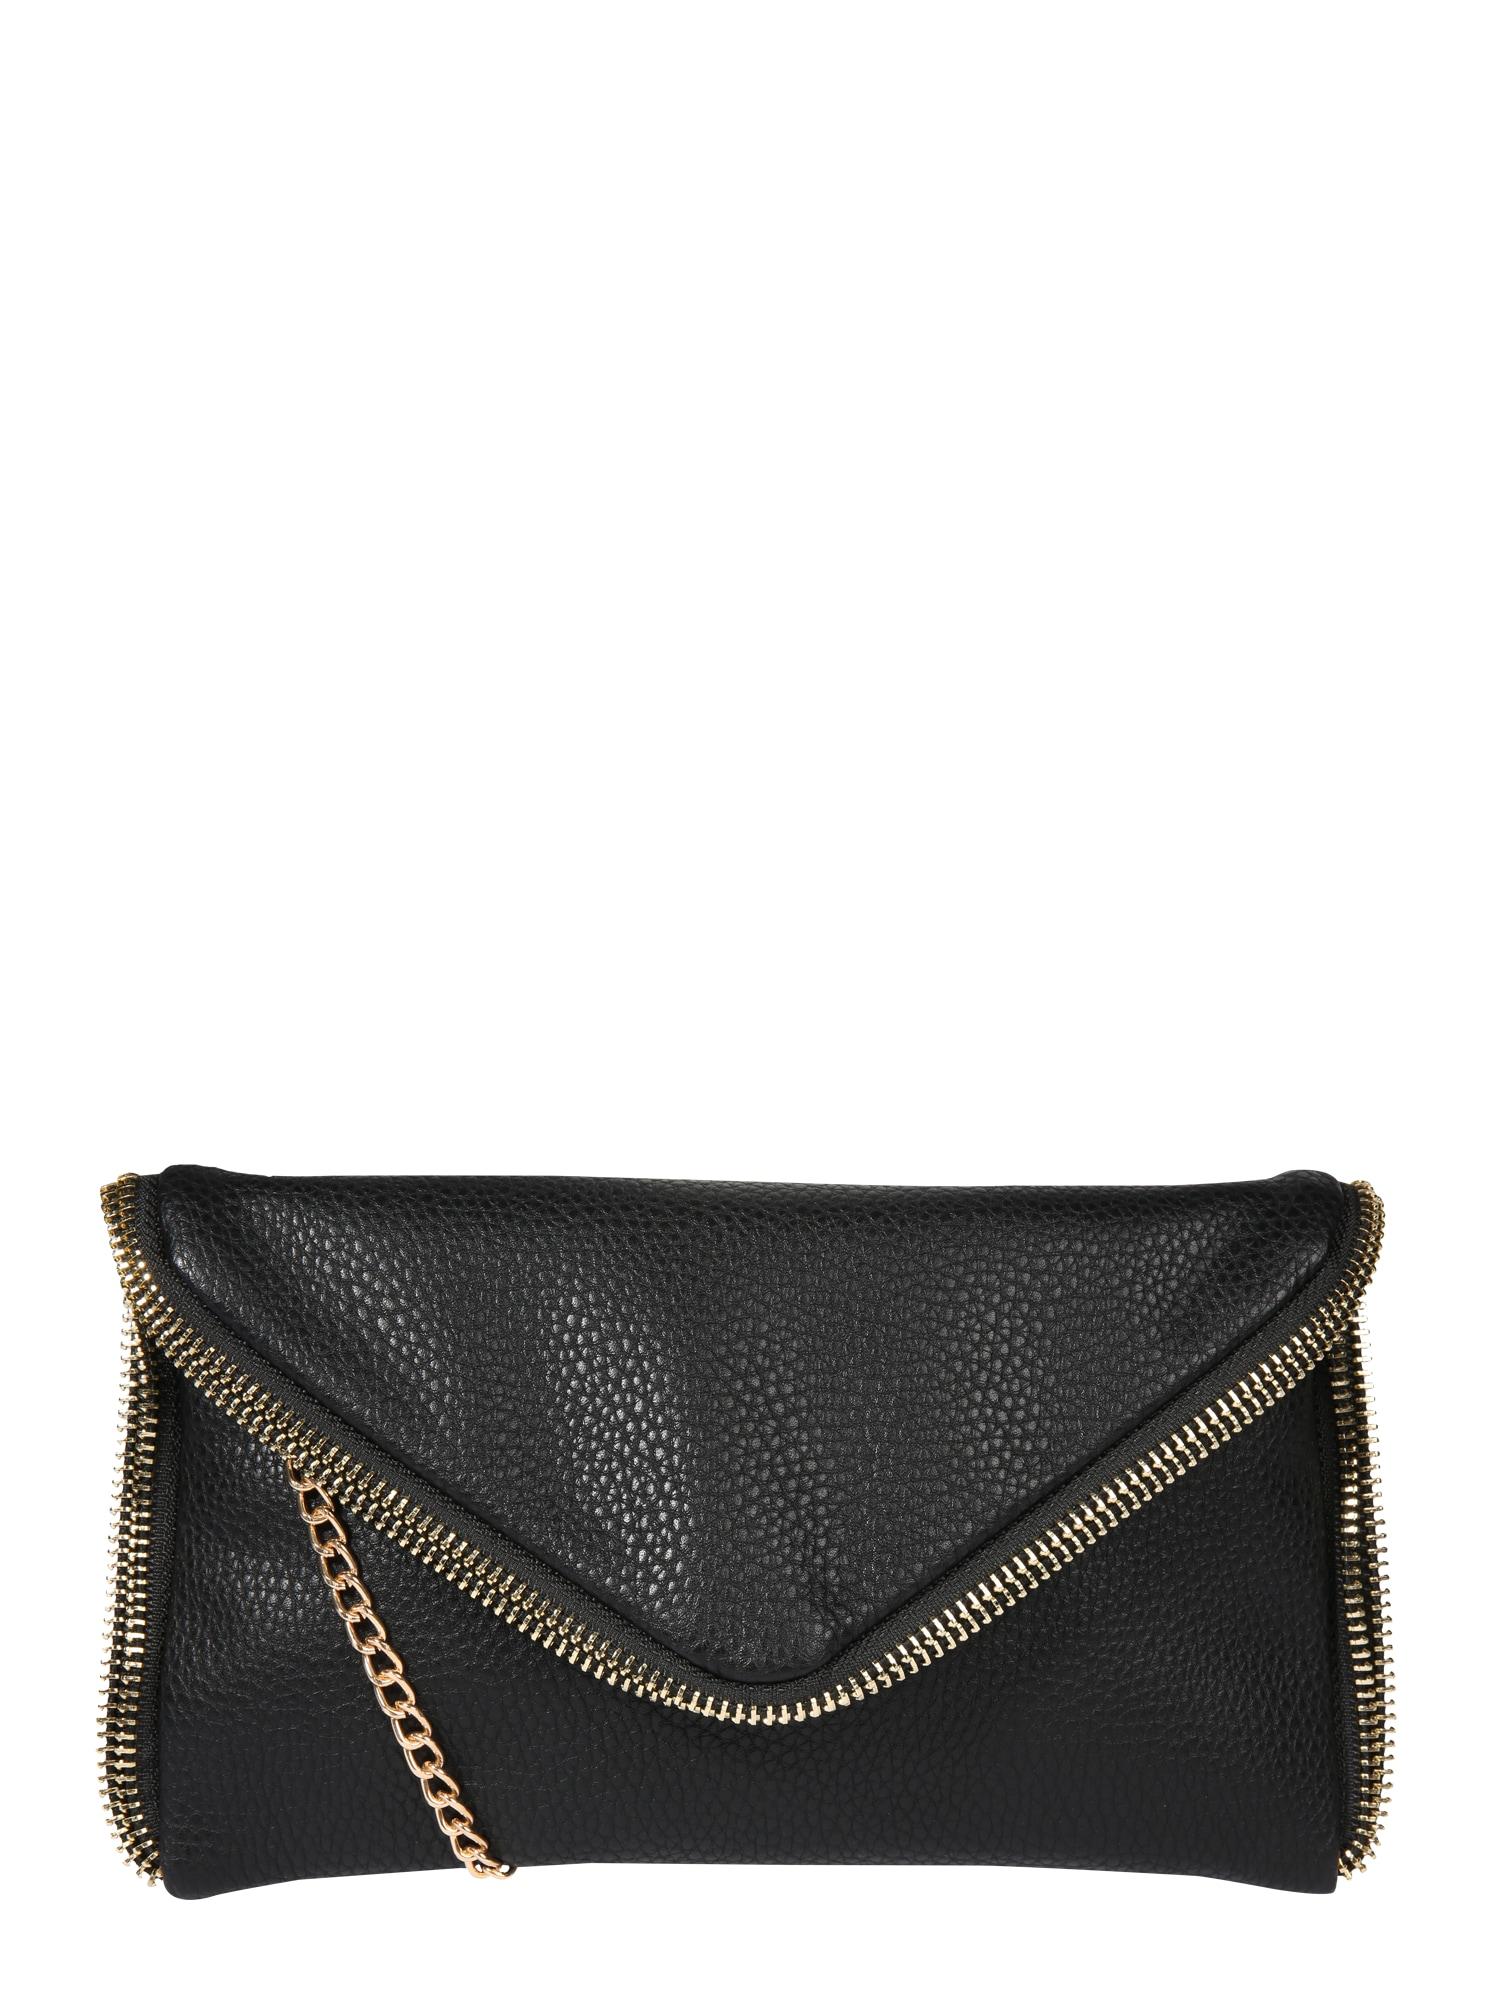 Taška přes rameno Victoria zlatá černá Sweet Deluxe